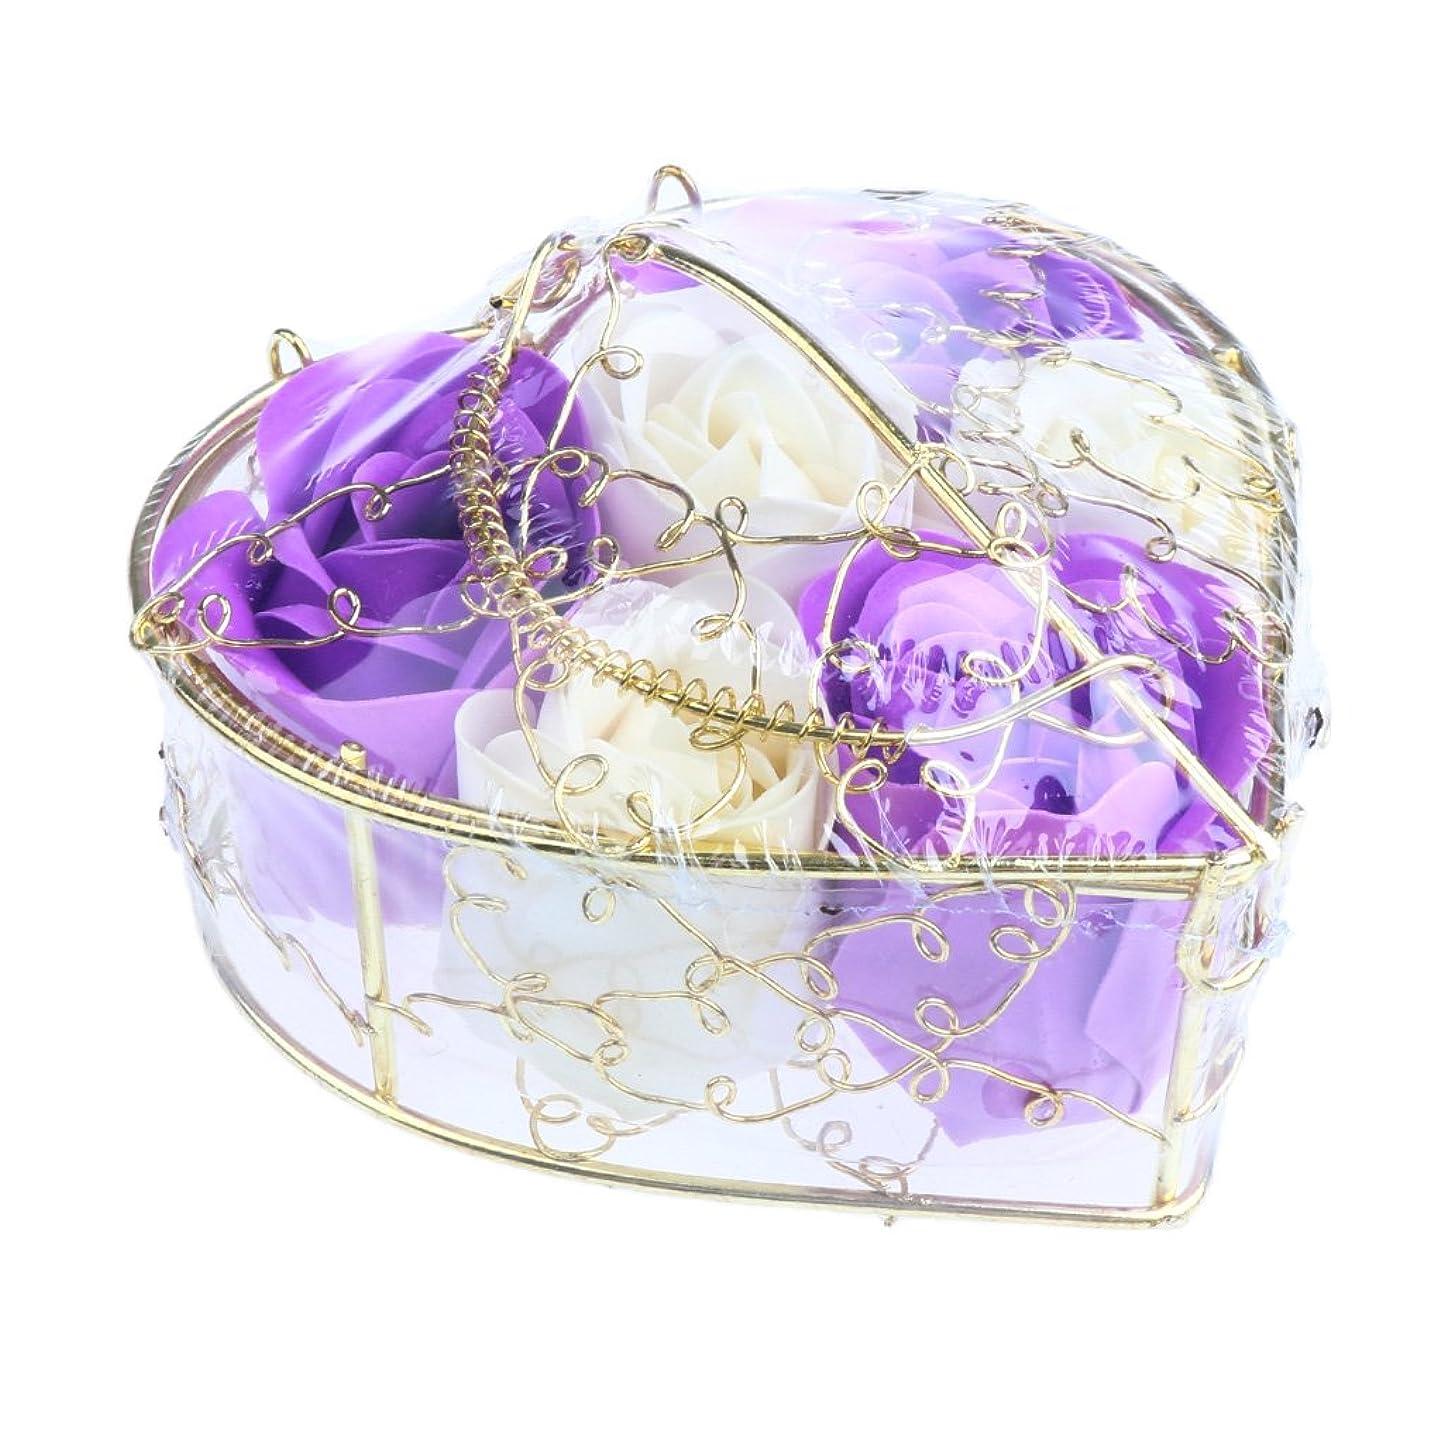 バイナリフェードアウト保守可能Fenteer 6個 ソープフラワー 石鹸の花 バラ 心の形 ギフトボックス  バレンタインデー  ホワイトデー  母の日 結婚記念日 プレゼント 全5タイプ選べる - 紫と白